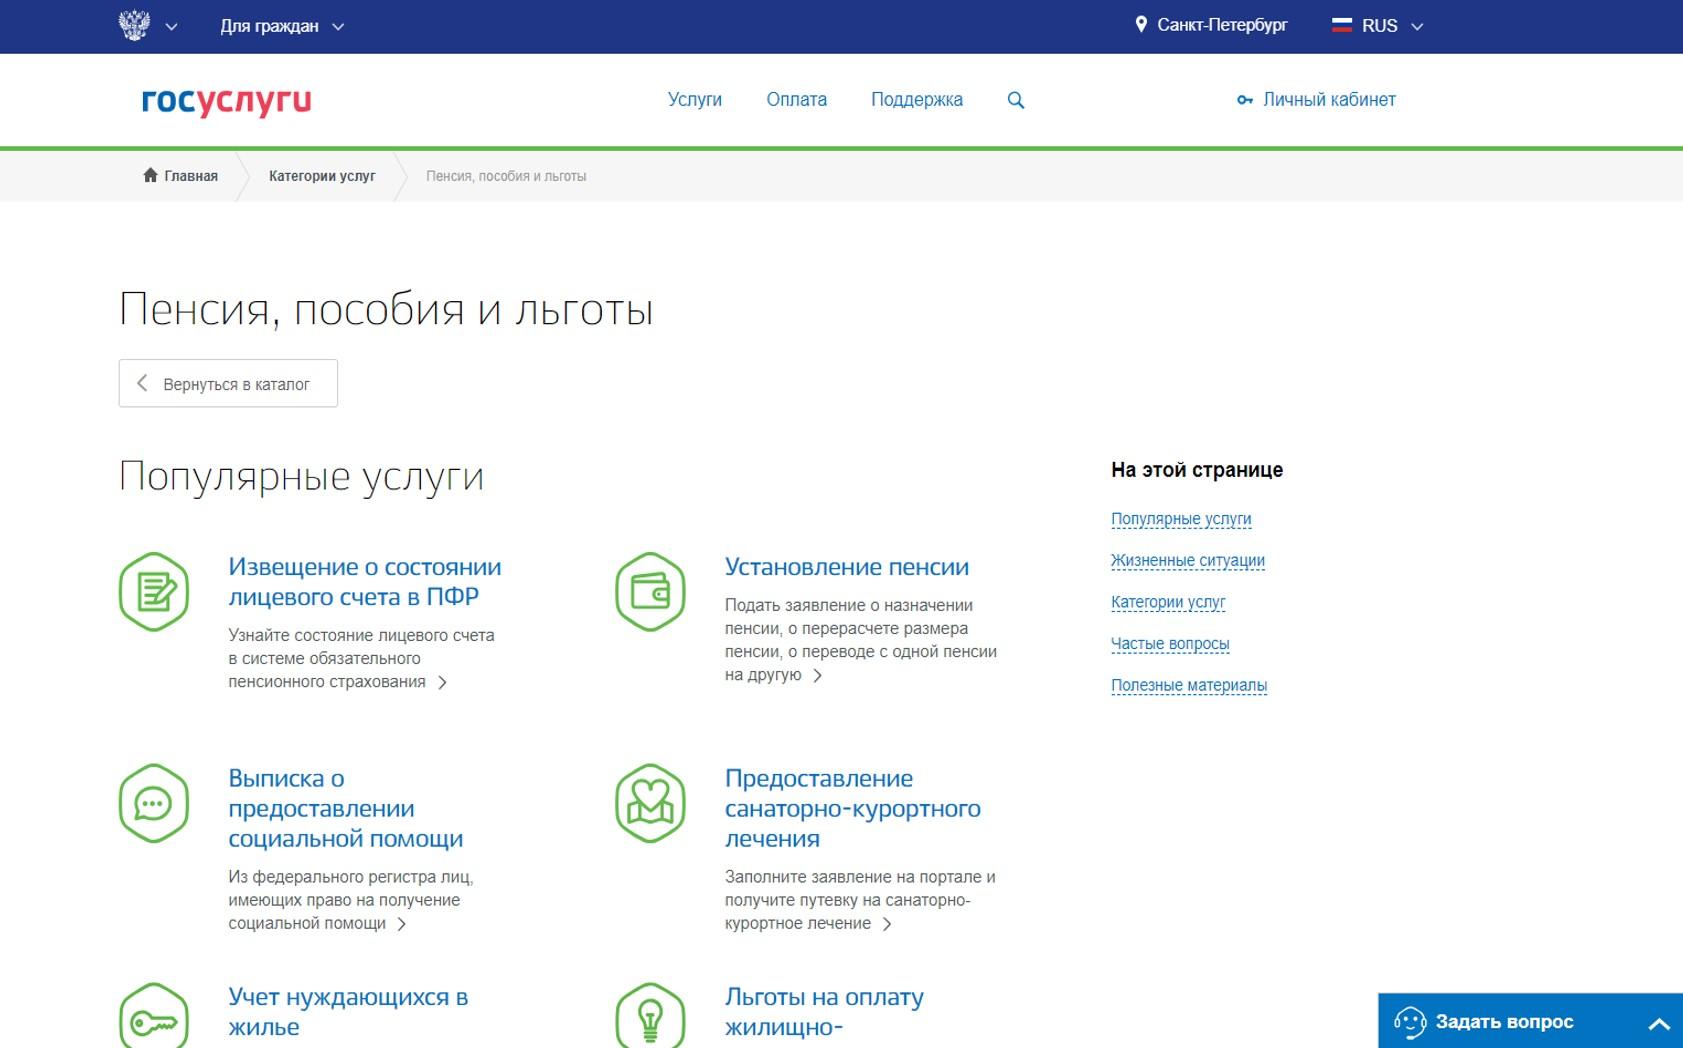 какие льготы полагаются http://grosh-blog.ru